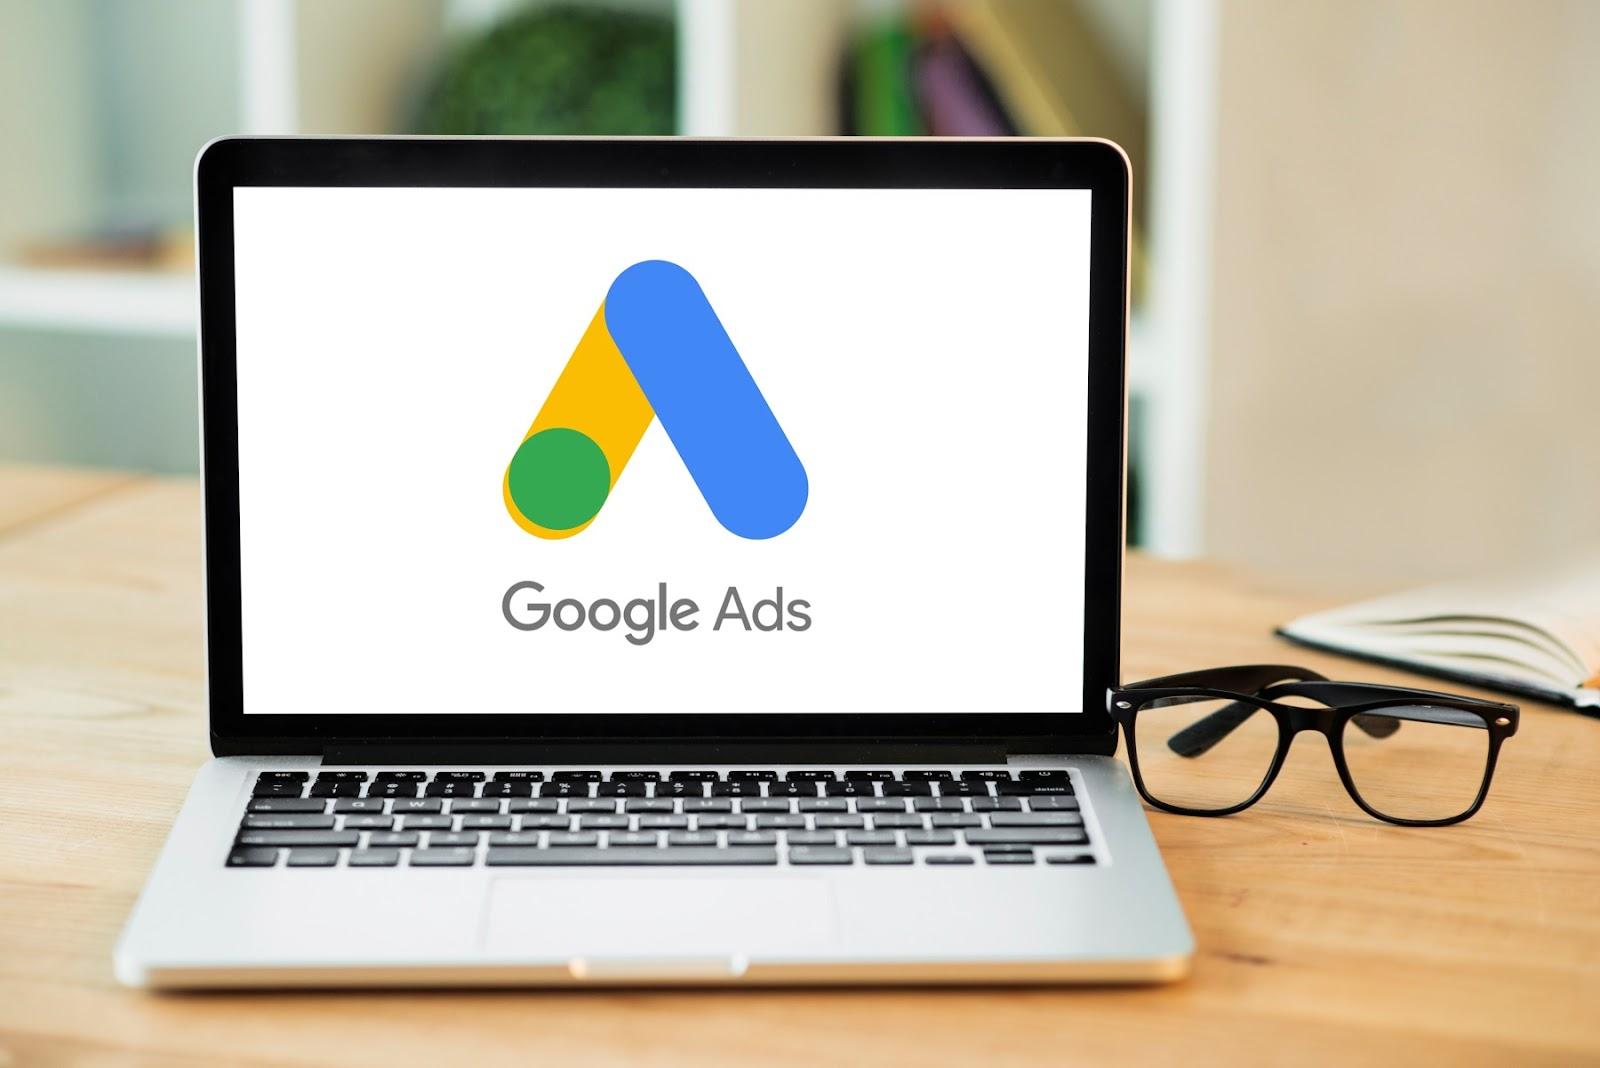 Por meio do Google Ads, você pode criar, editar e acompanhar links patrocinados, tudo isso com orçamento flexível (Foto: FreePik)